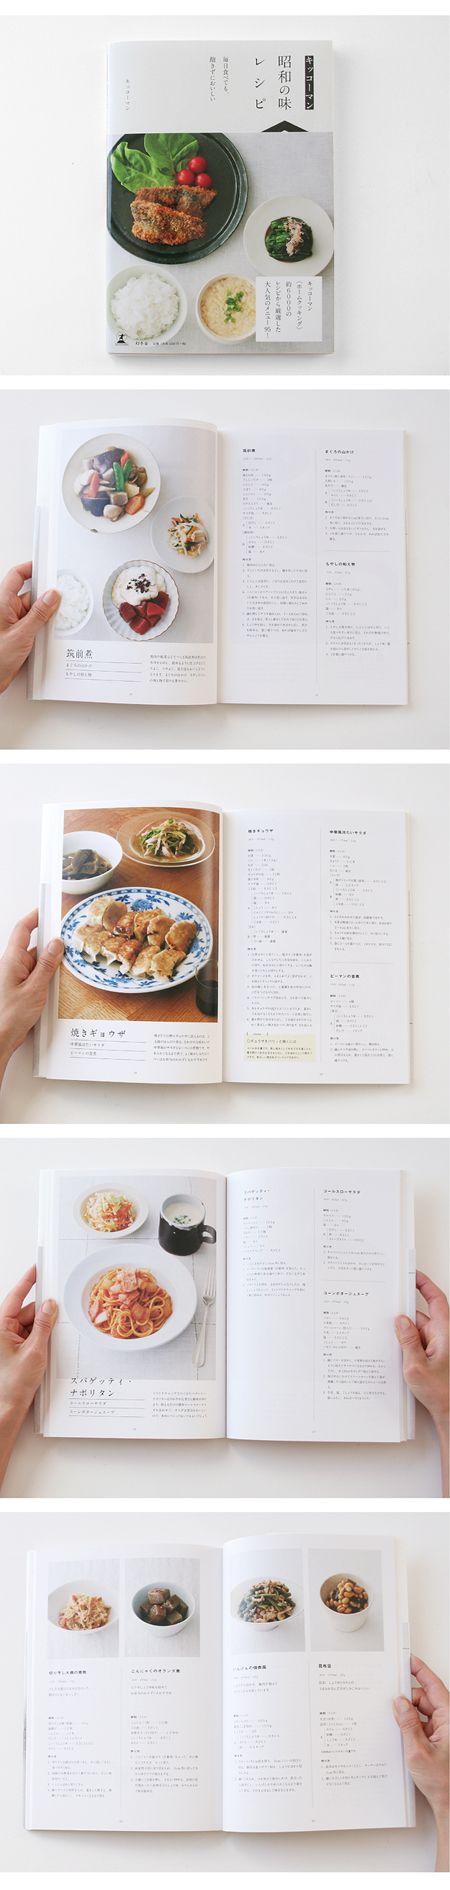 キッコーマン 昭和の味レシピ book design